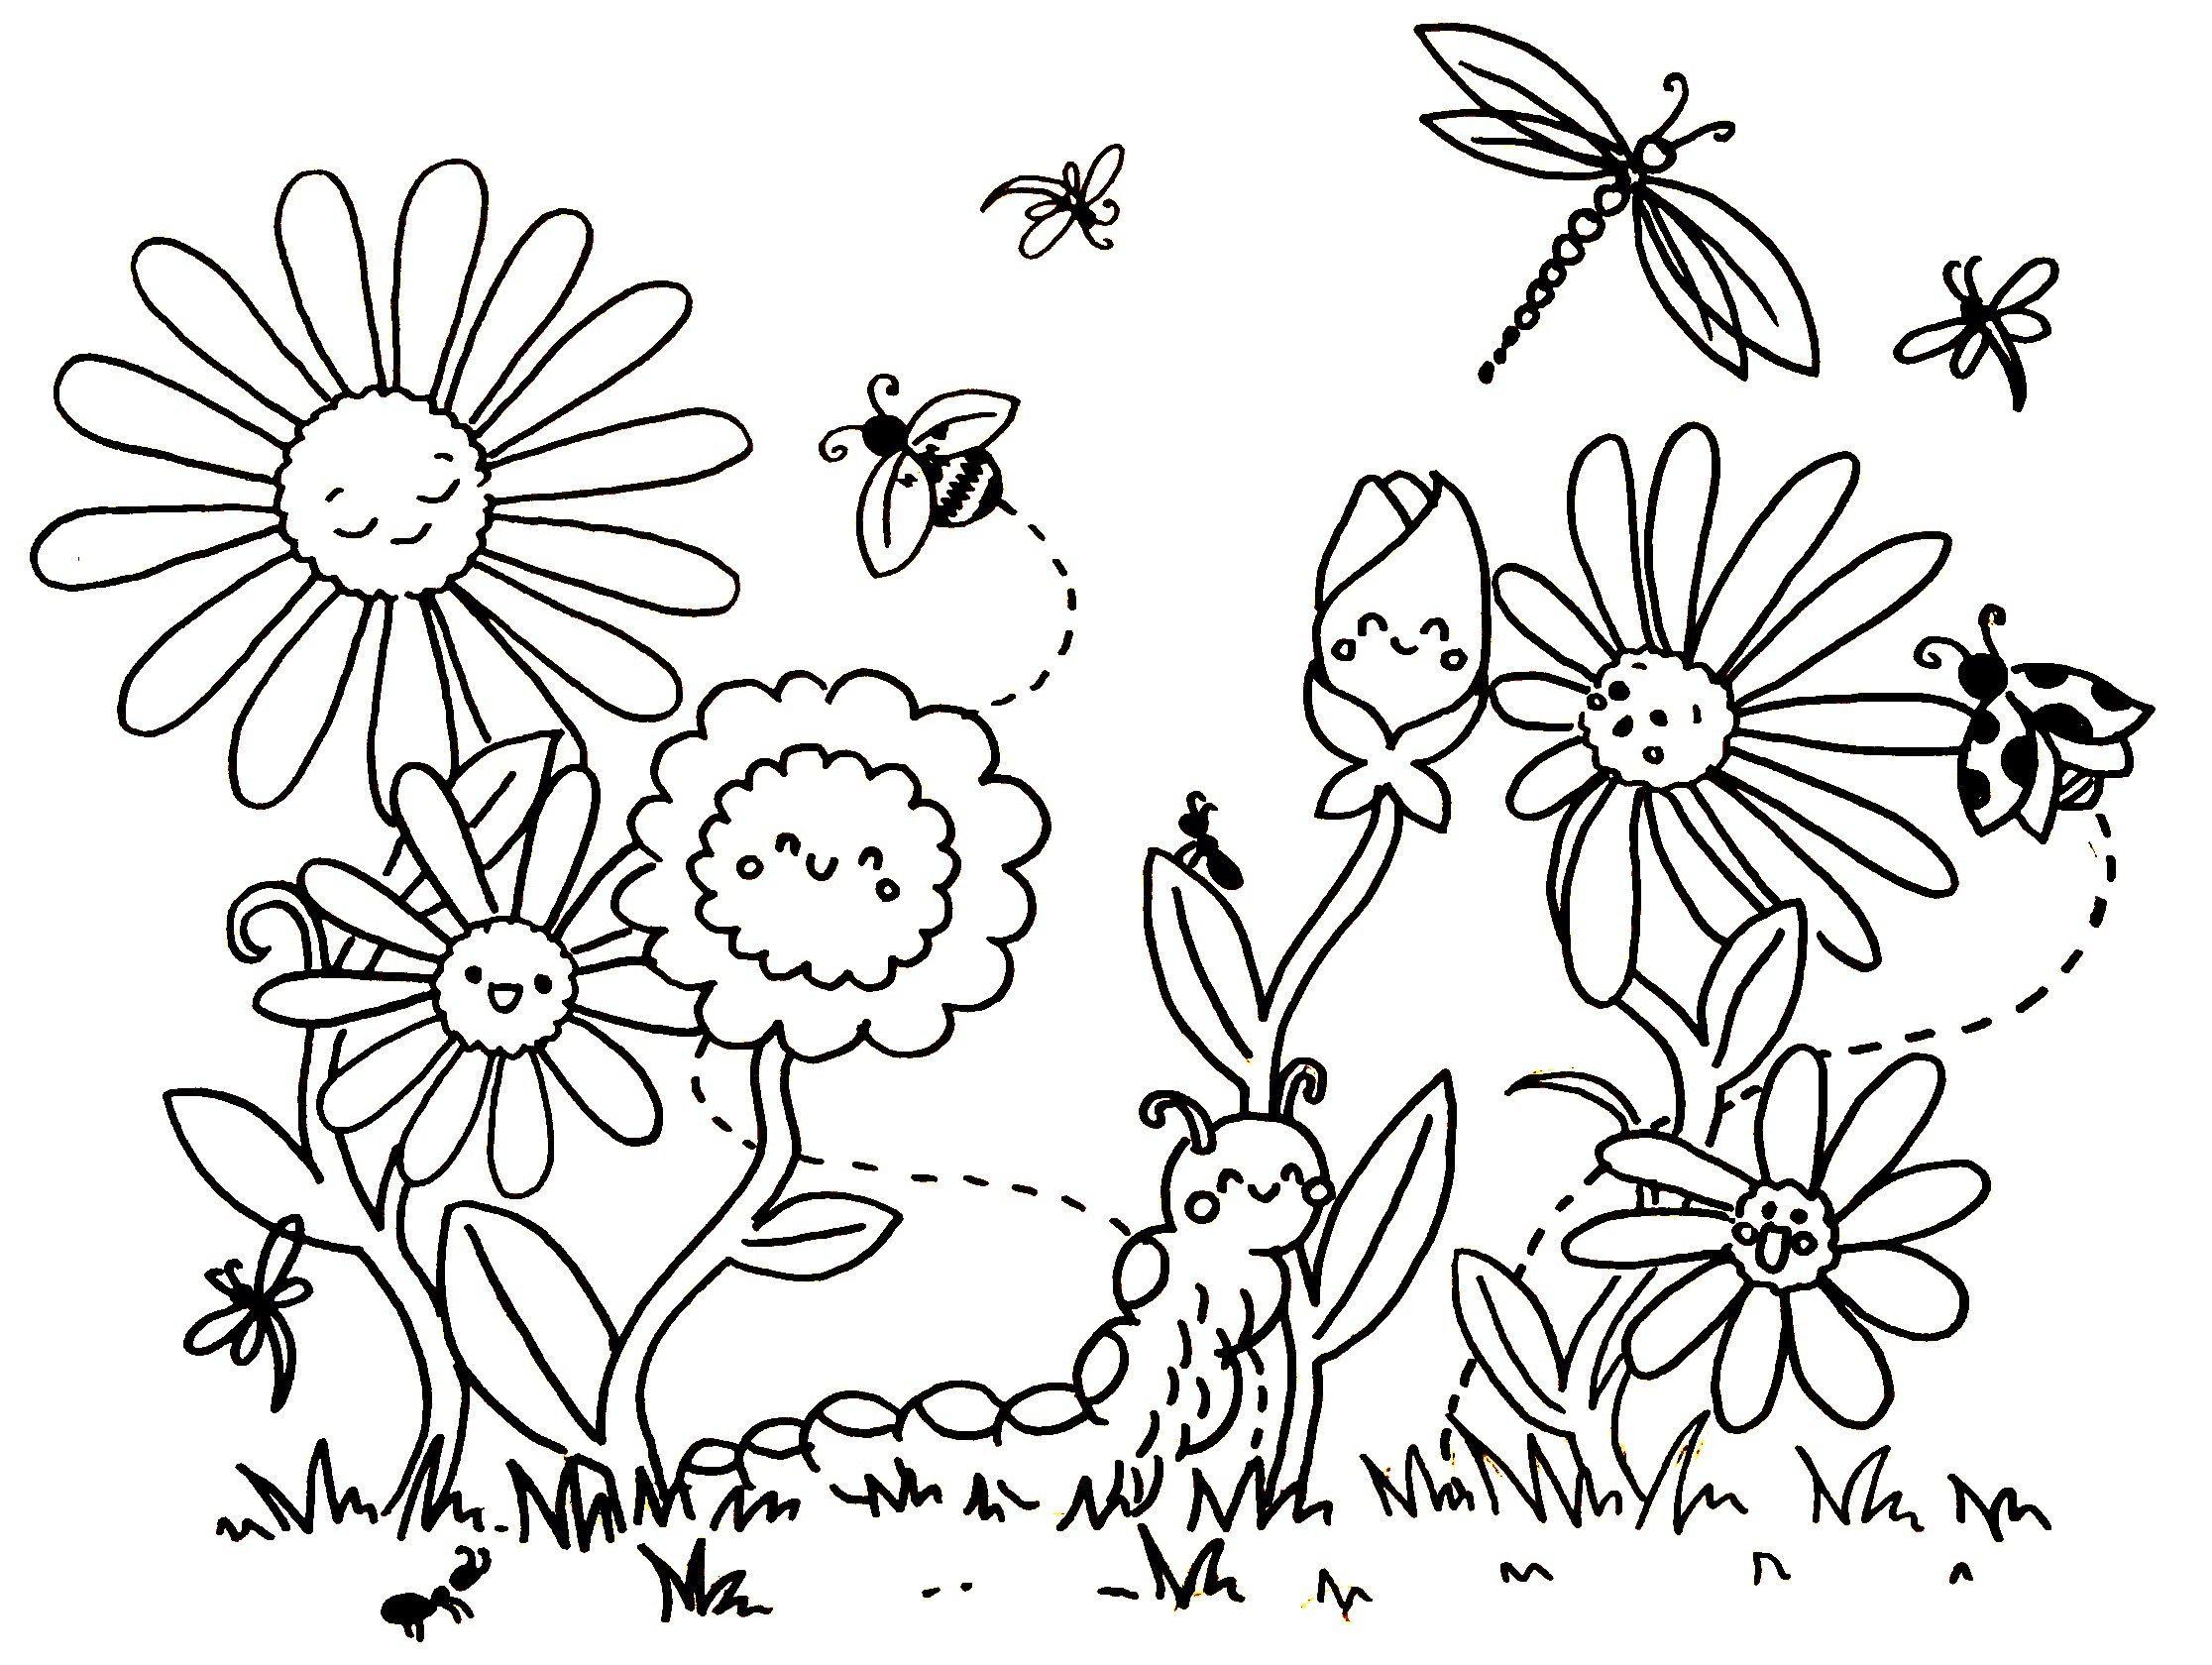 Ausmalbilder Blumenwiese Zum Ausdrucken Blumen Ausmalen Ausmalen Blumen Ausmalbilder